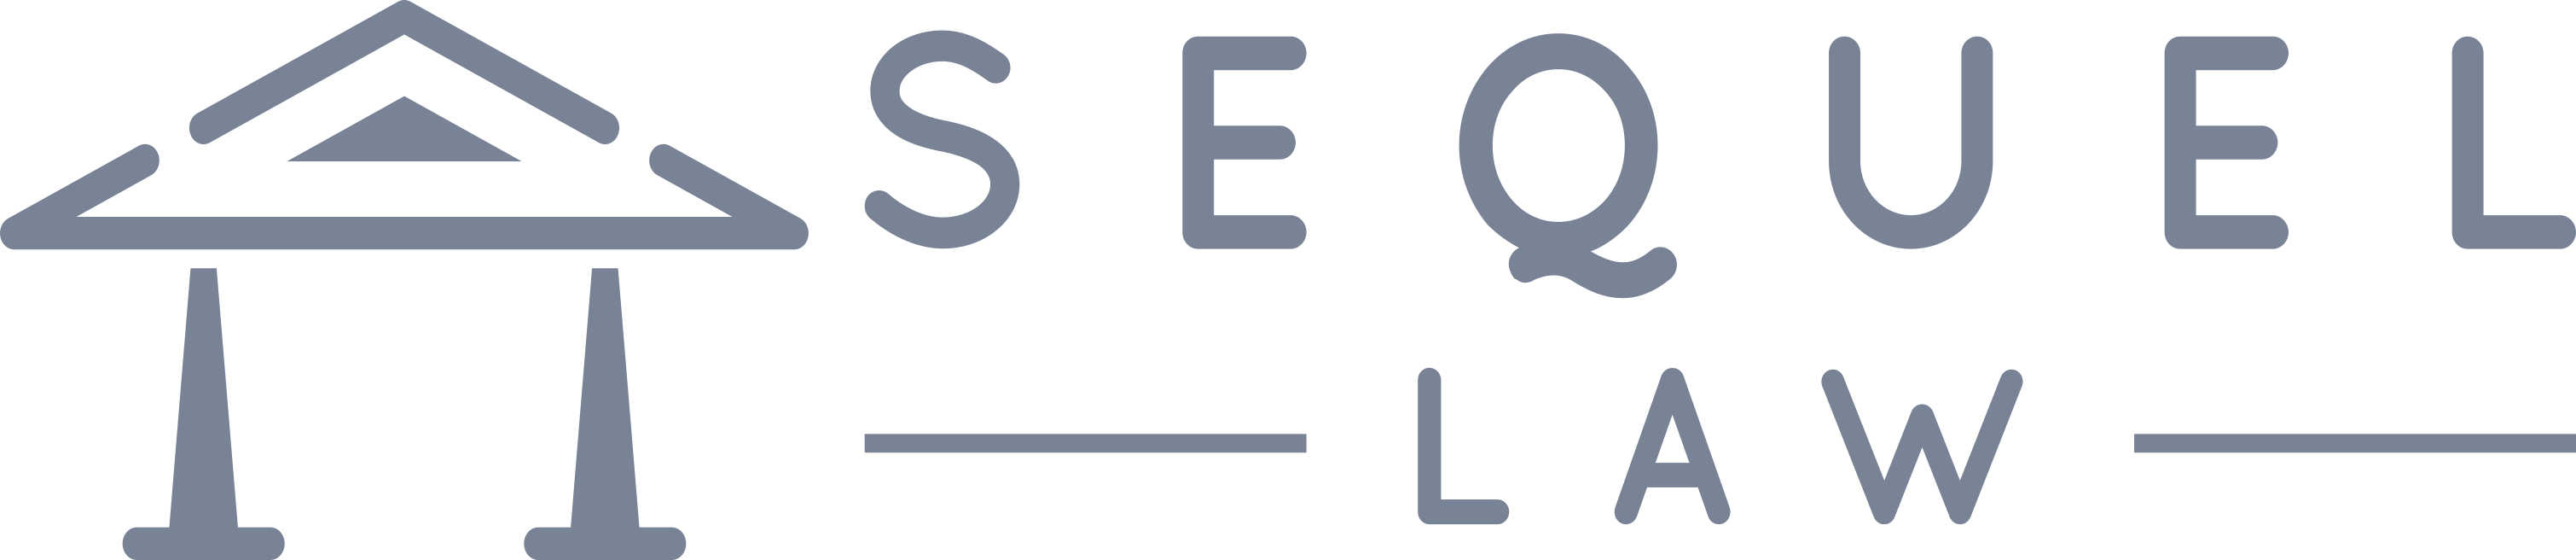 Sequel Law LLC